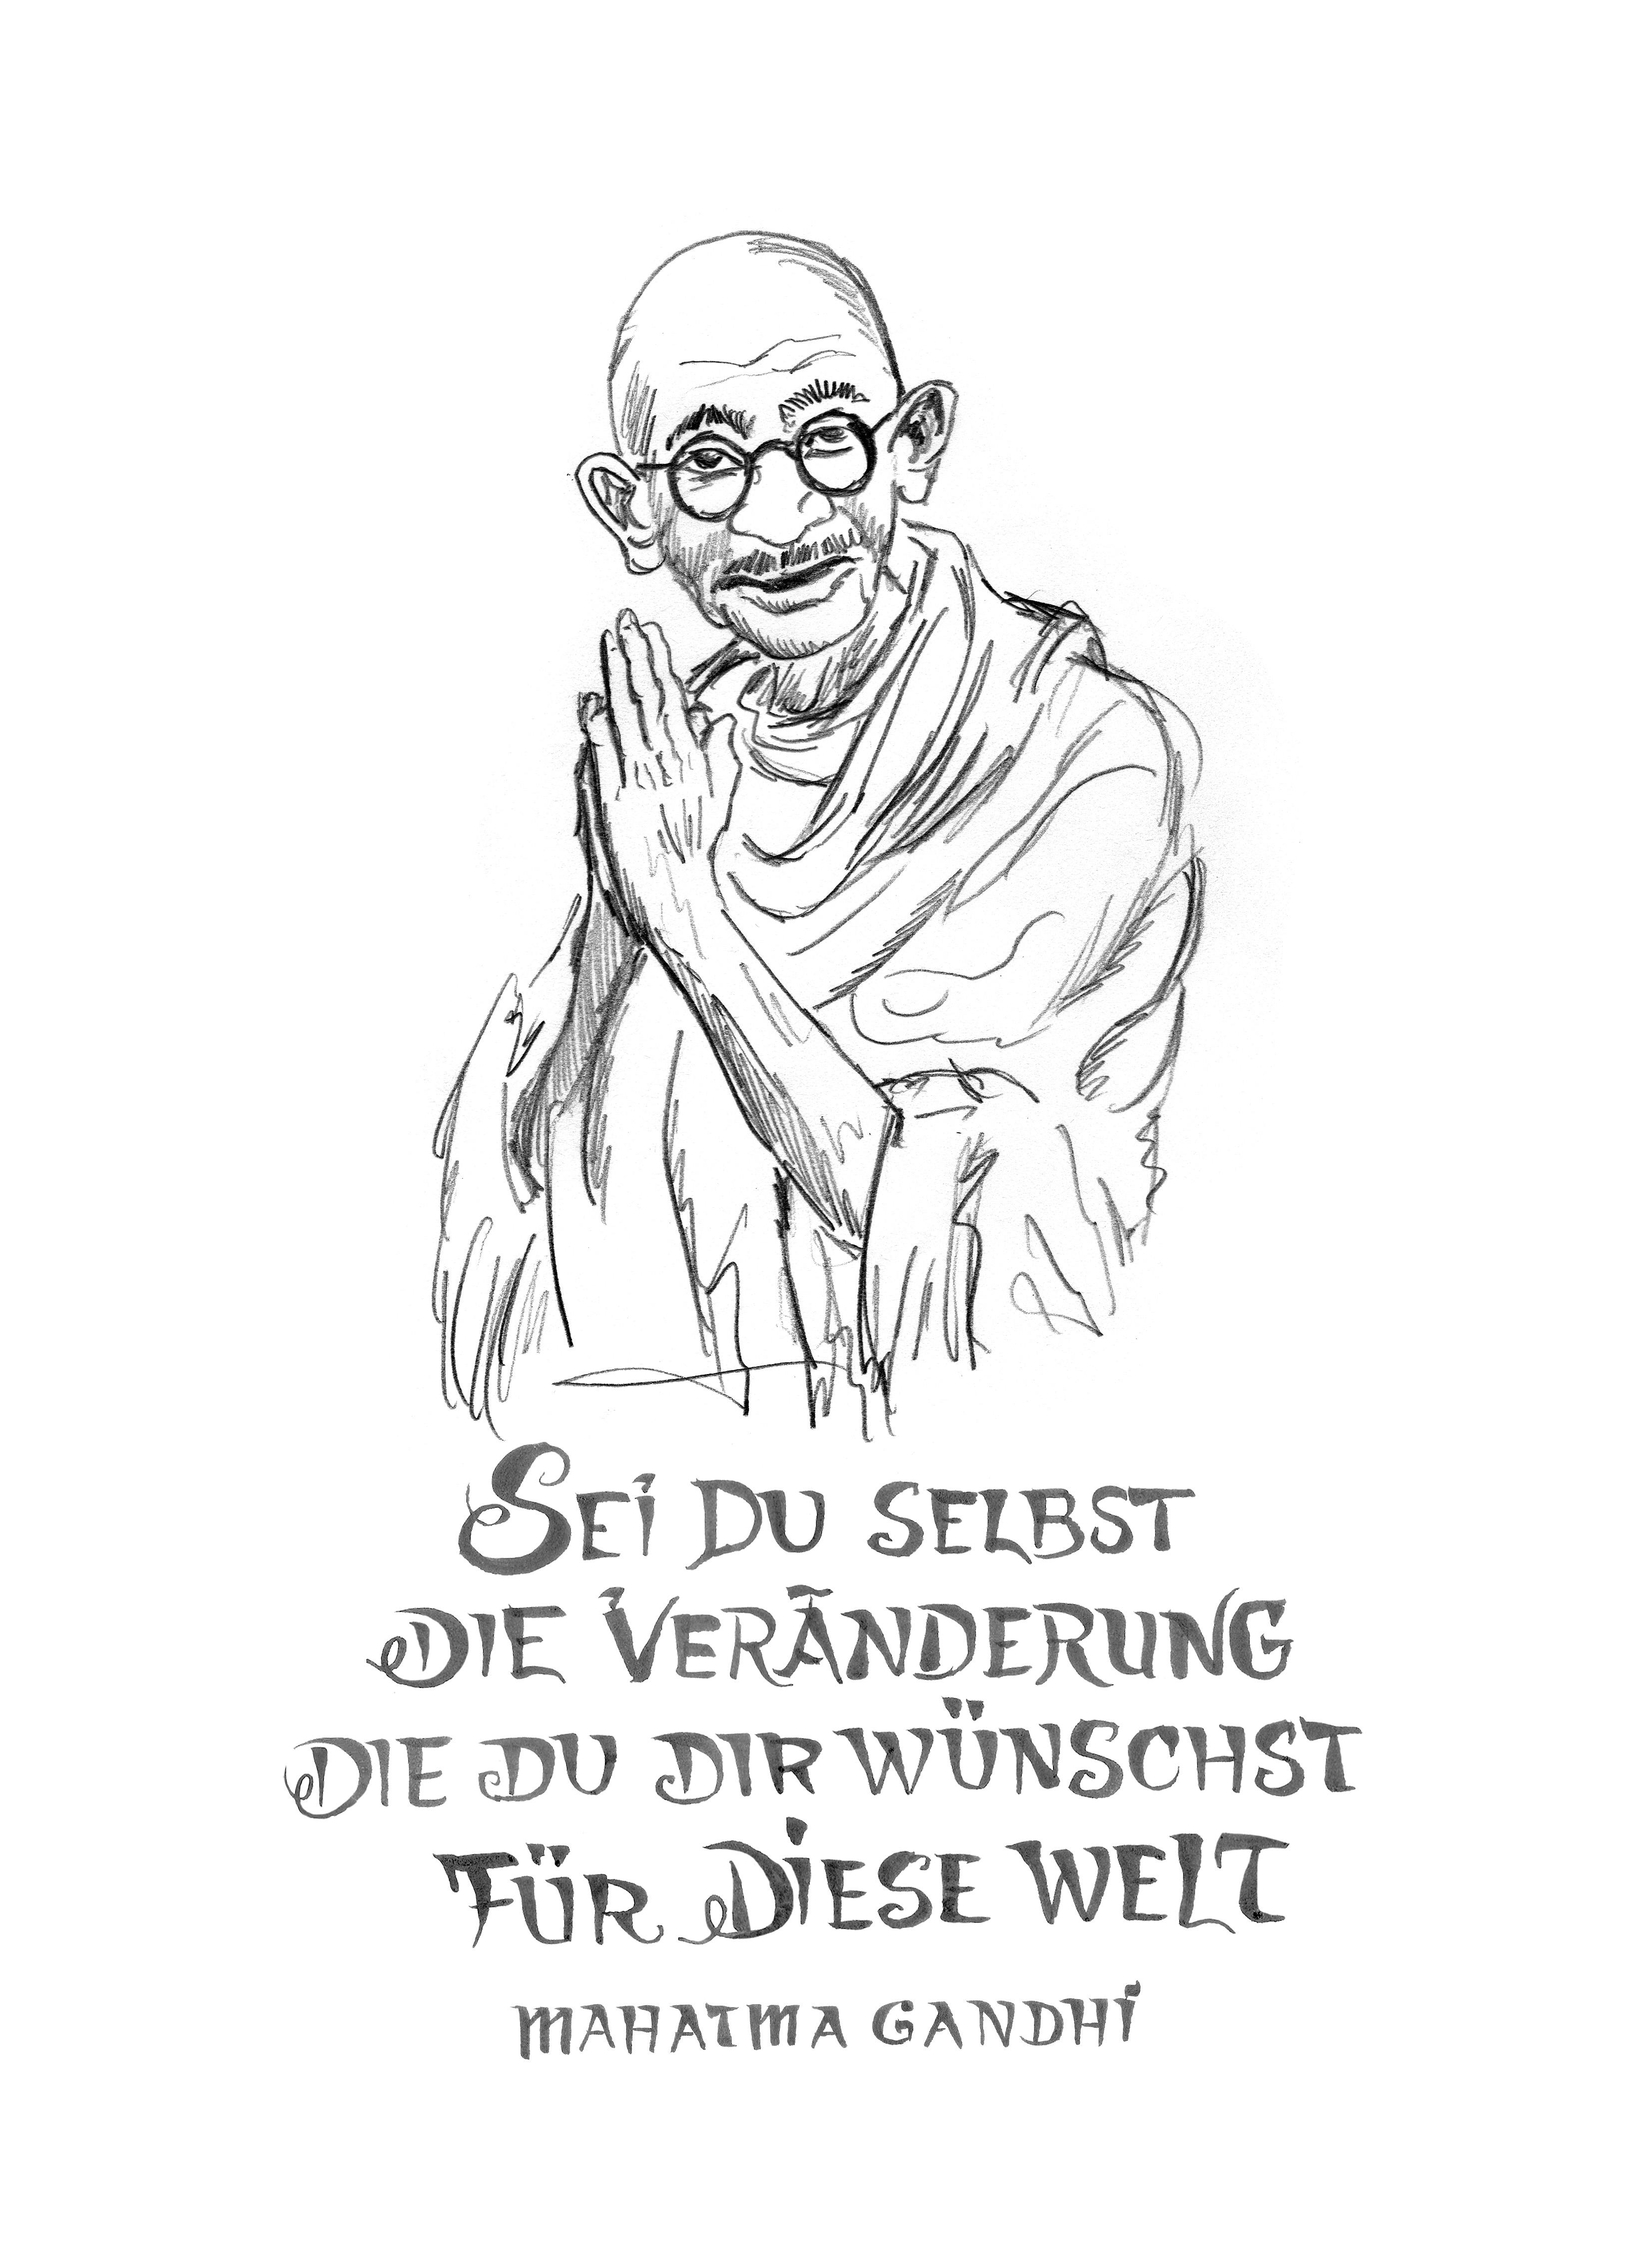 Lesebuch Nachhaltigkeit Mahatma Gandhi Online Praxismaterialien